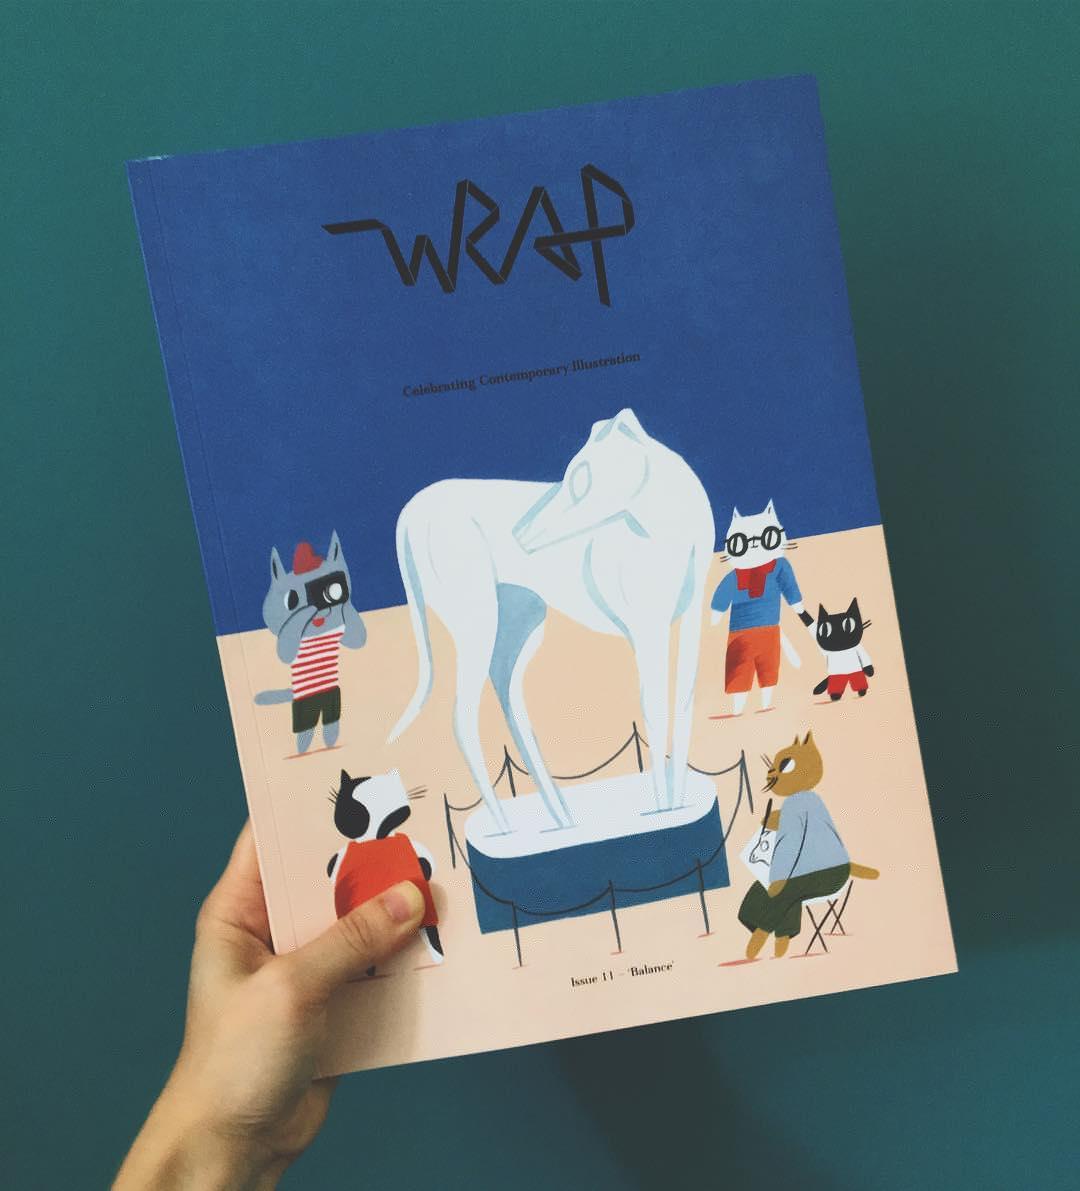 I'm happier now #wrapmagazine #illustration #balance #issue11